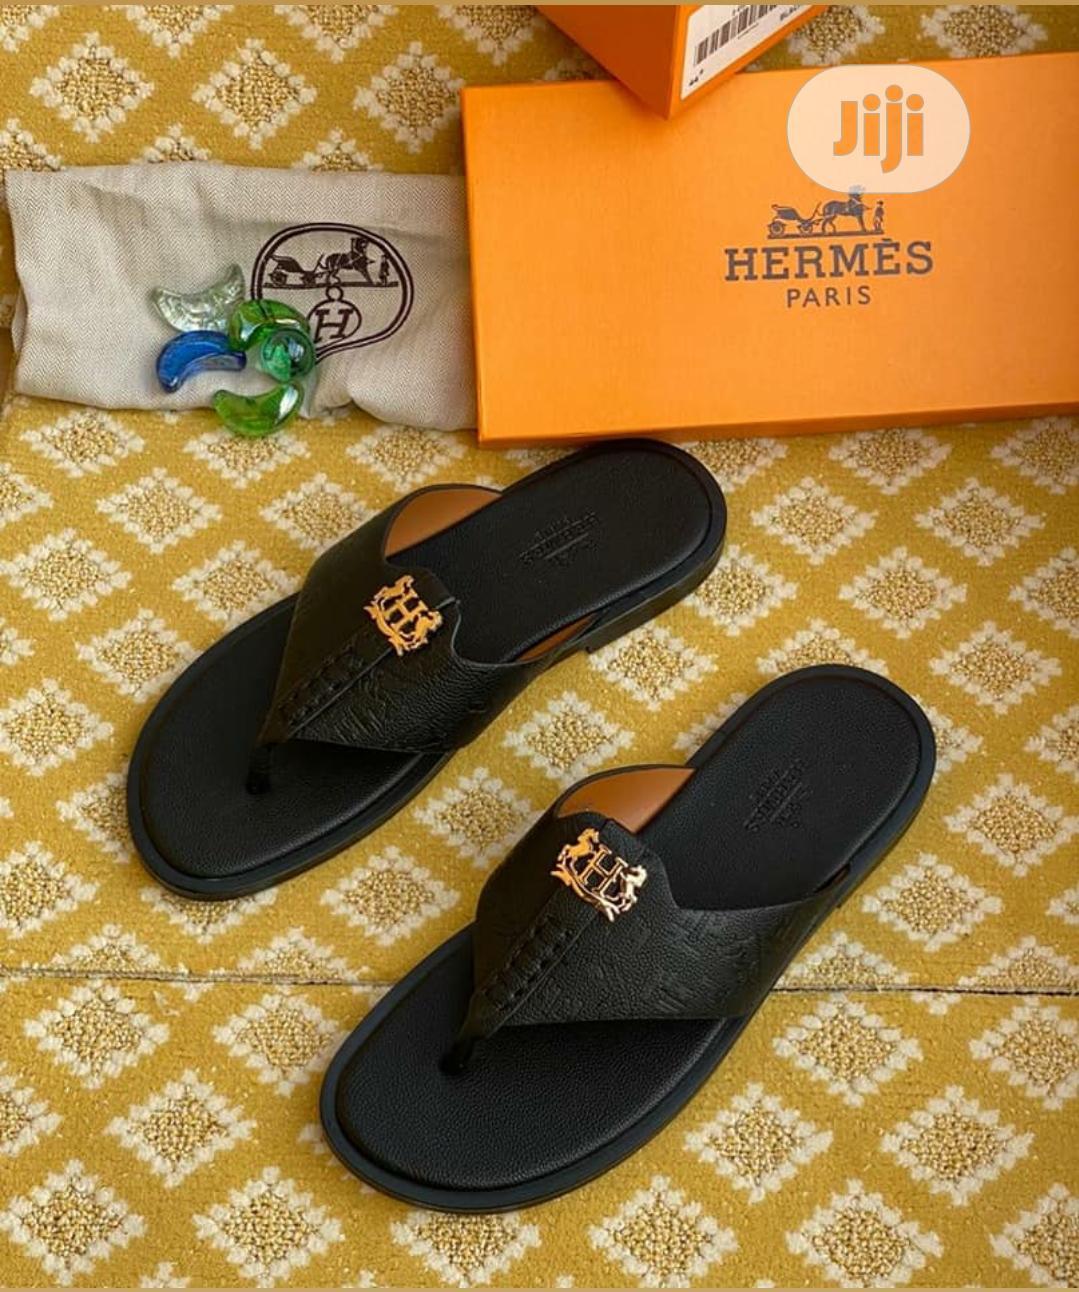 hermes paris slippers